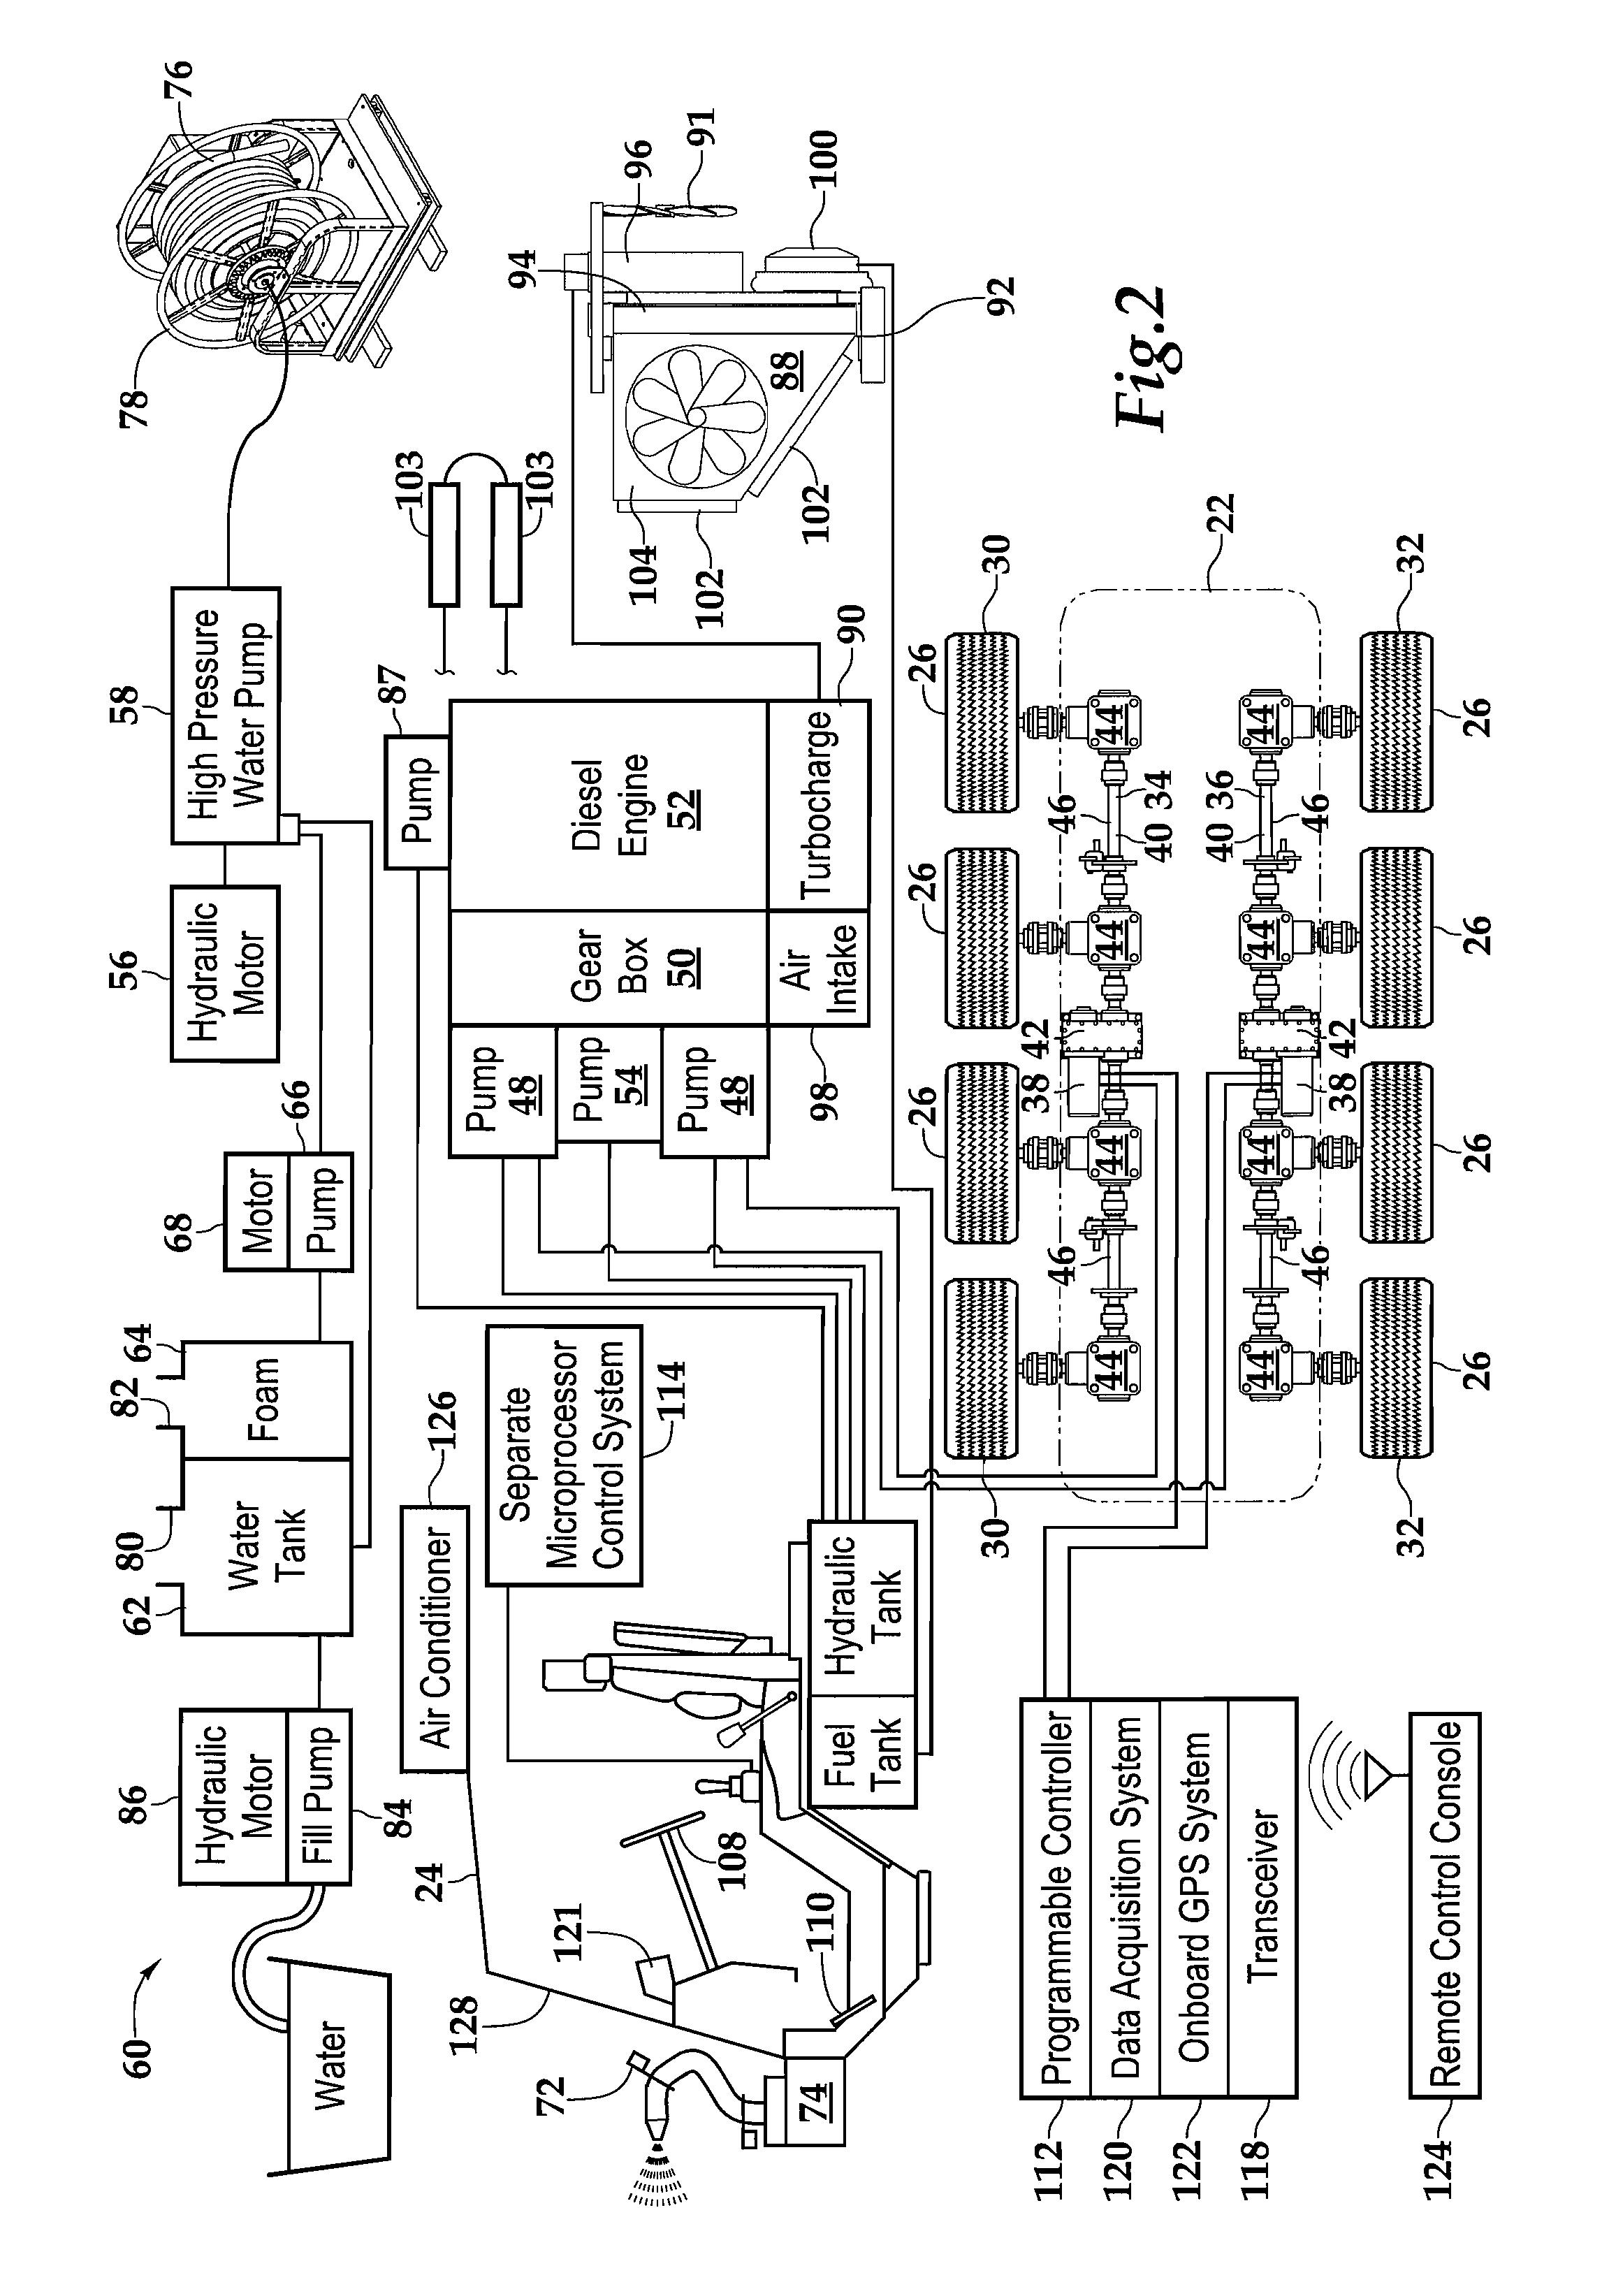 patent us20100038098